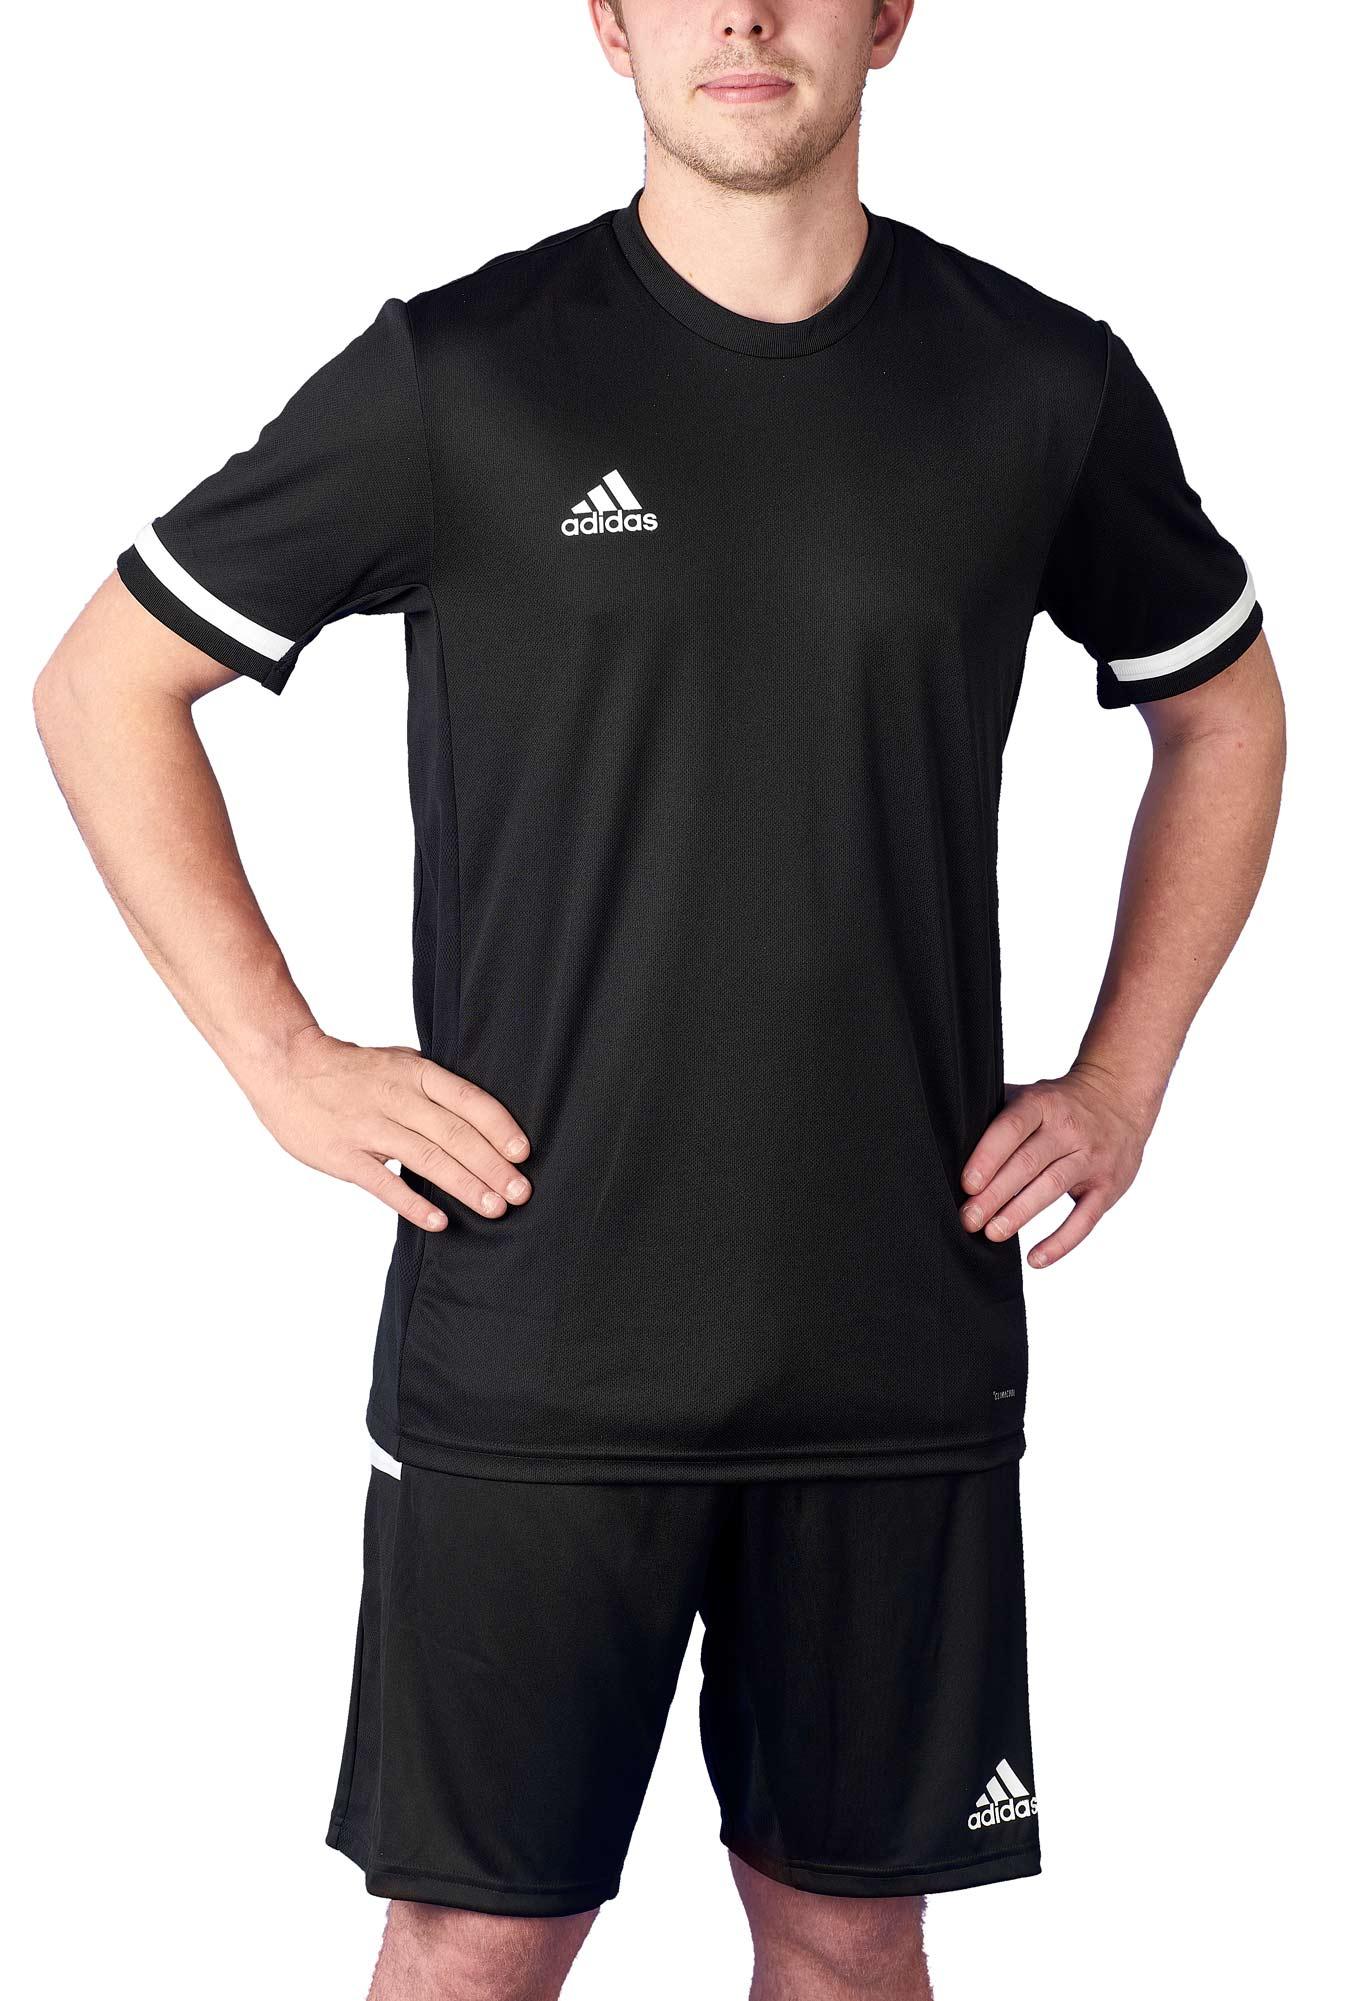 adidas T19 Shortsleeve Jersey Männer schwarzweiß, DW6894